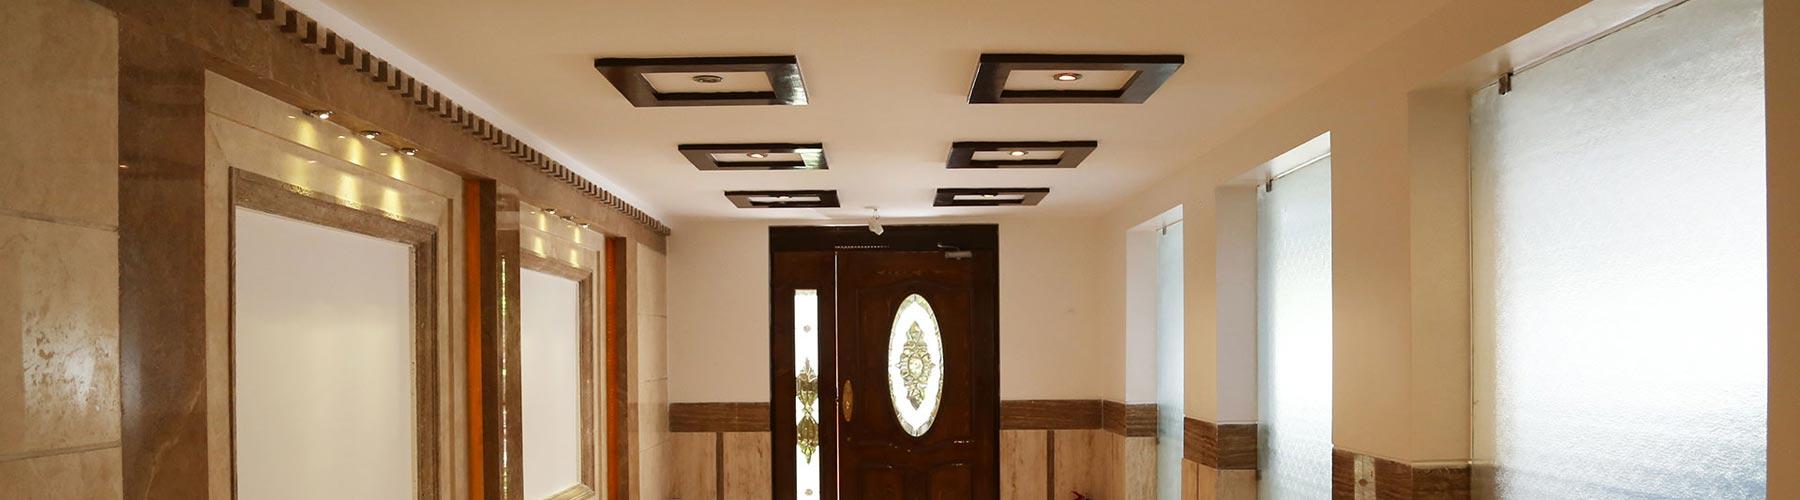 رنگ آمیزی پوششی داخلی ساختمان